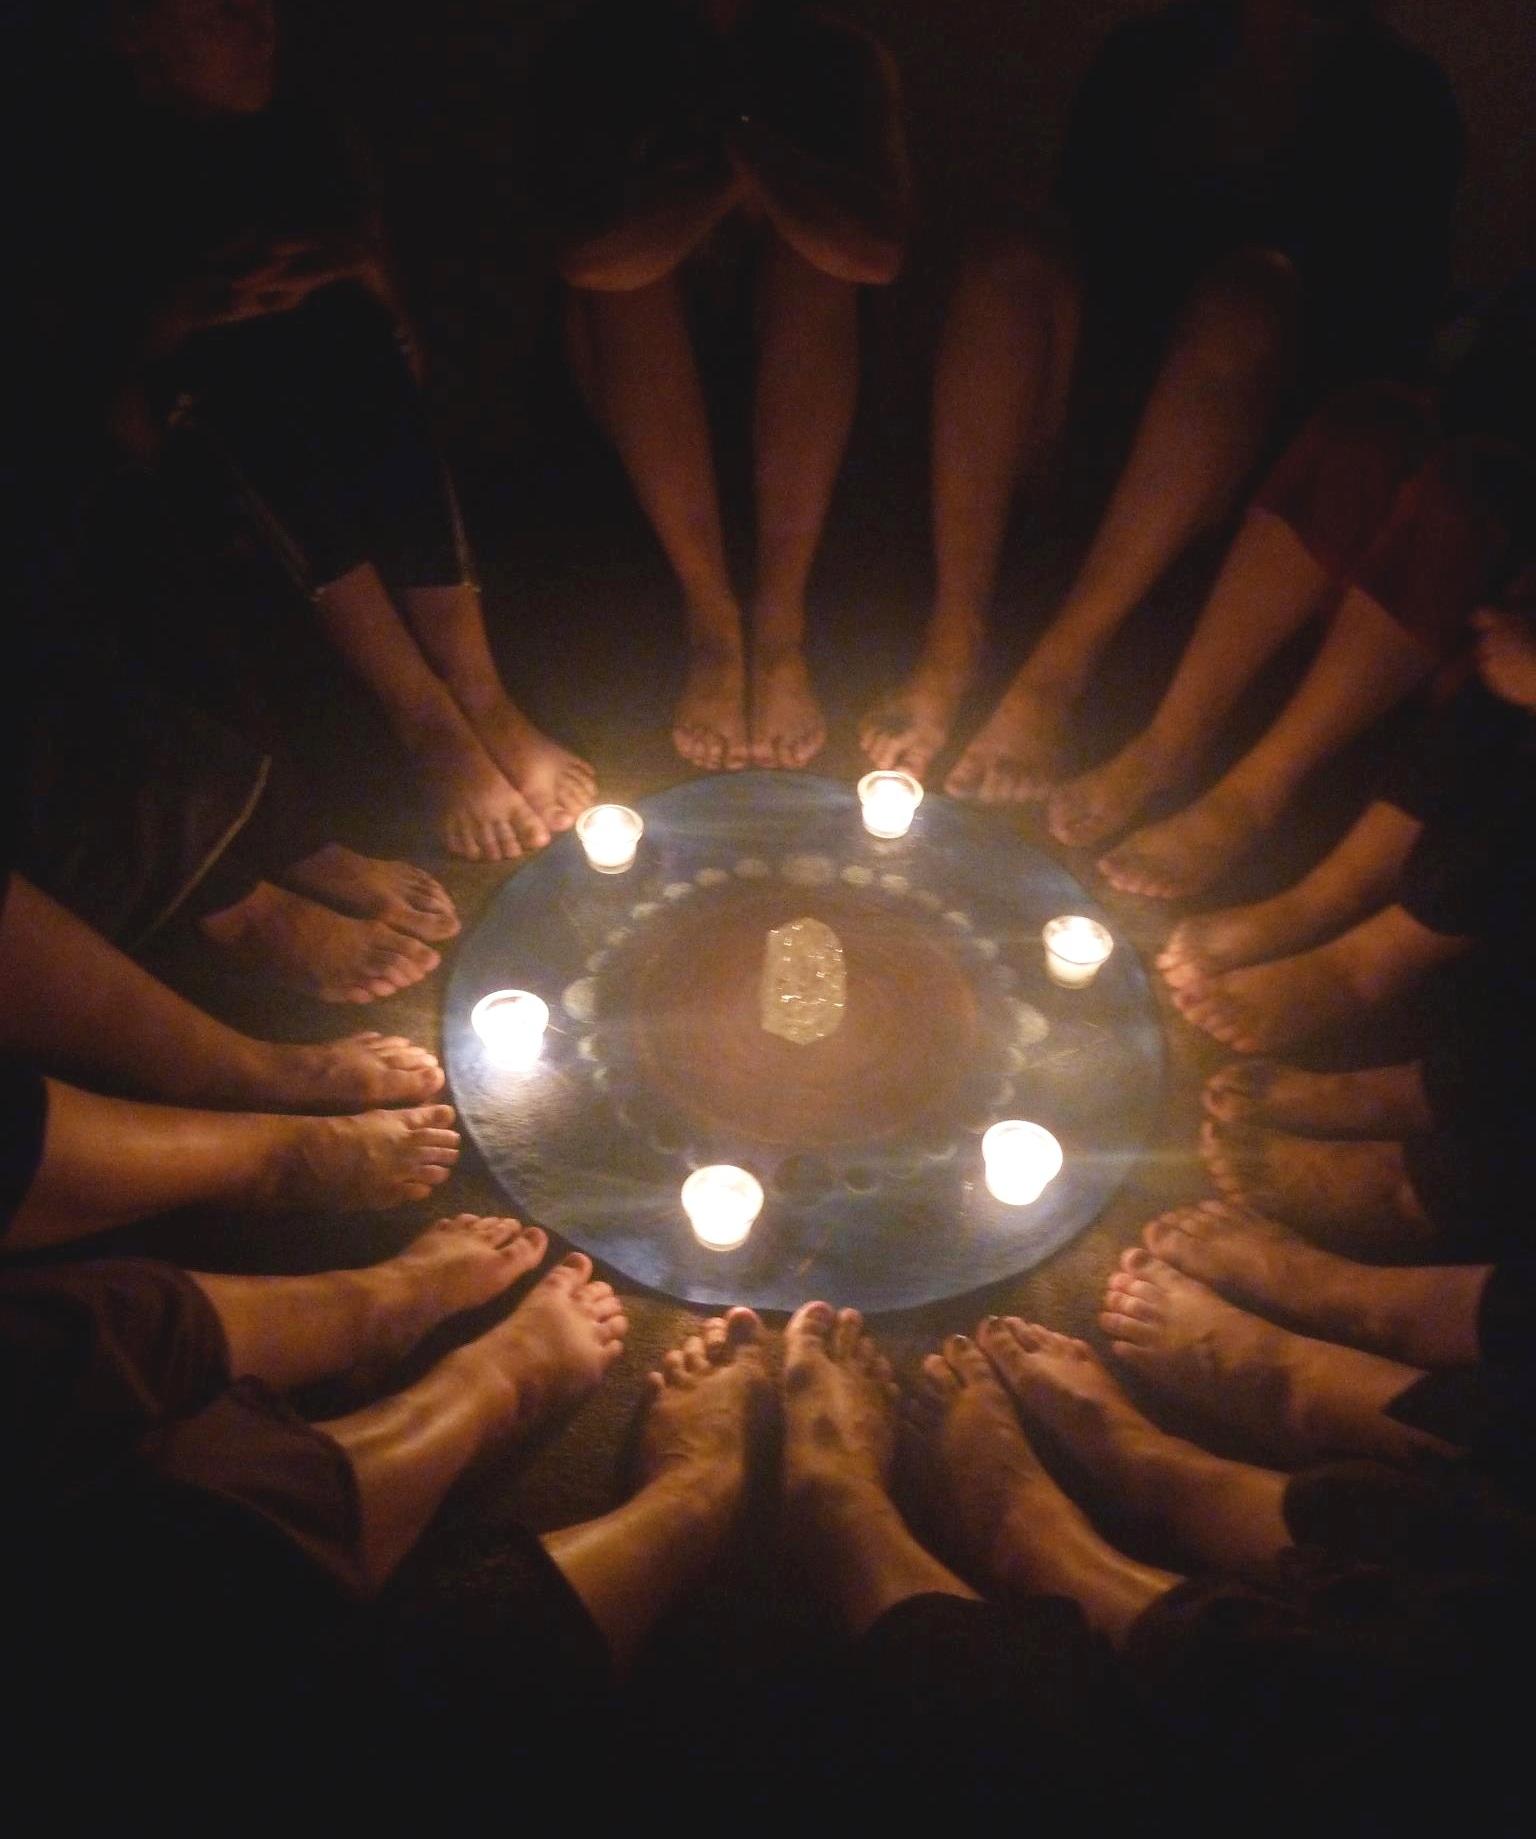 altar_feet_lighter.jpg